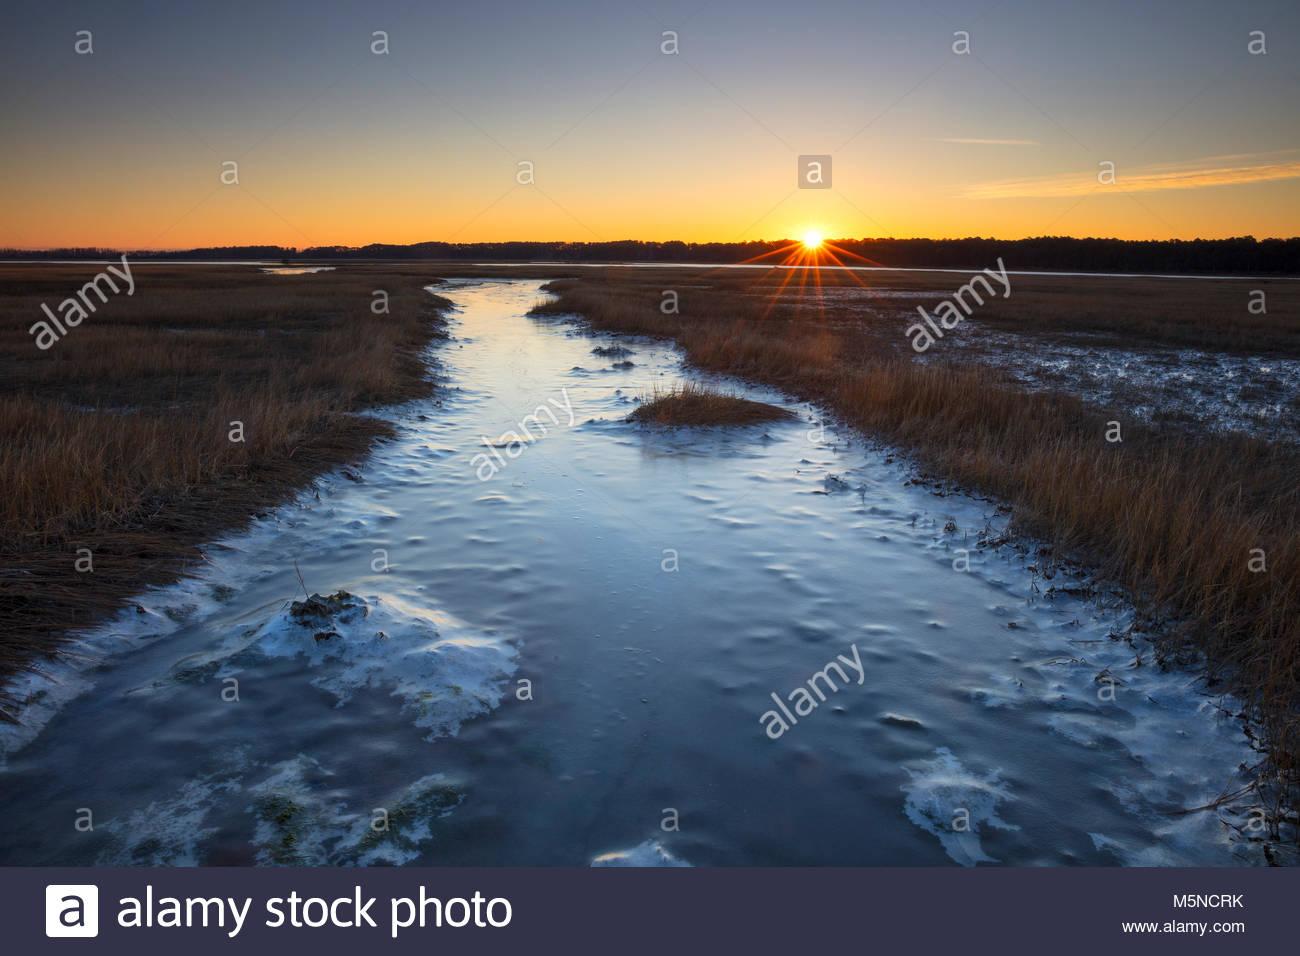 El sol se eleva sobre el Canal Assateague cubiertas de hielo, que separa las islas de Chincoteague y Assateague Imagen De Stock